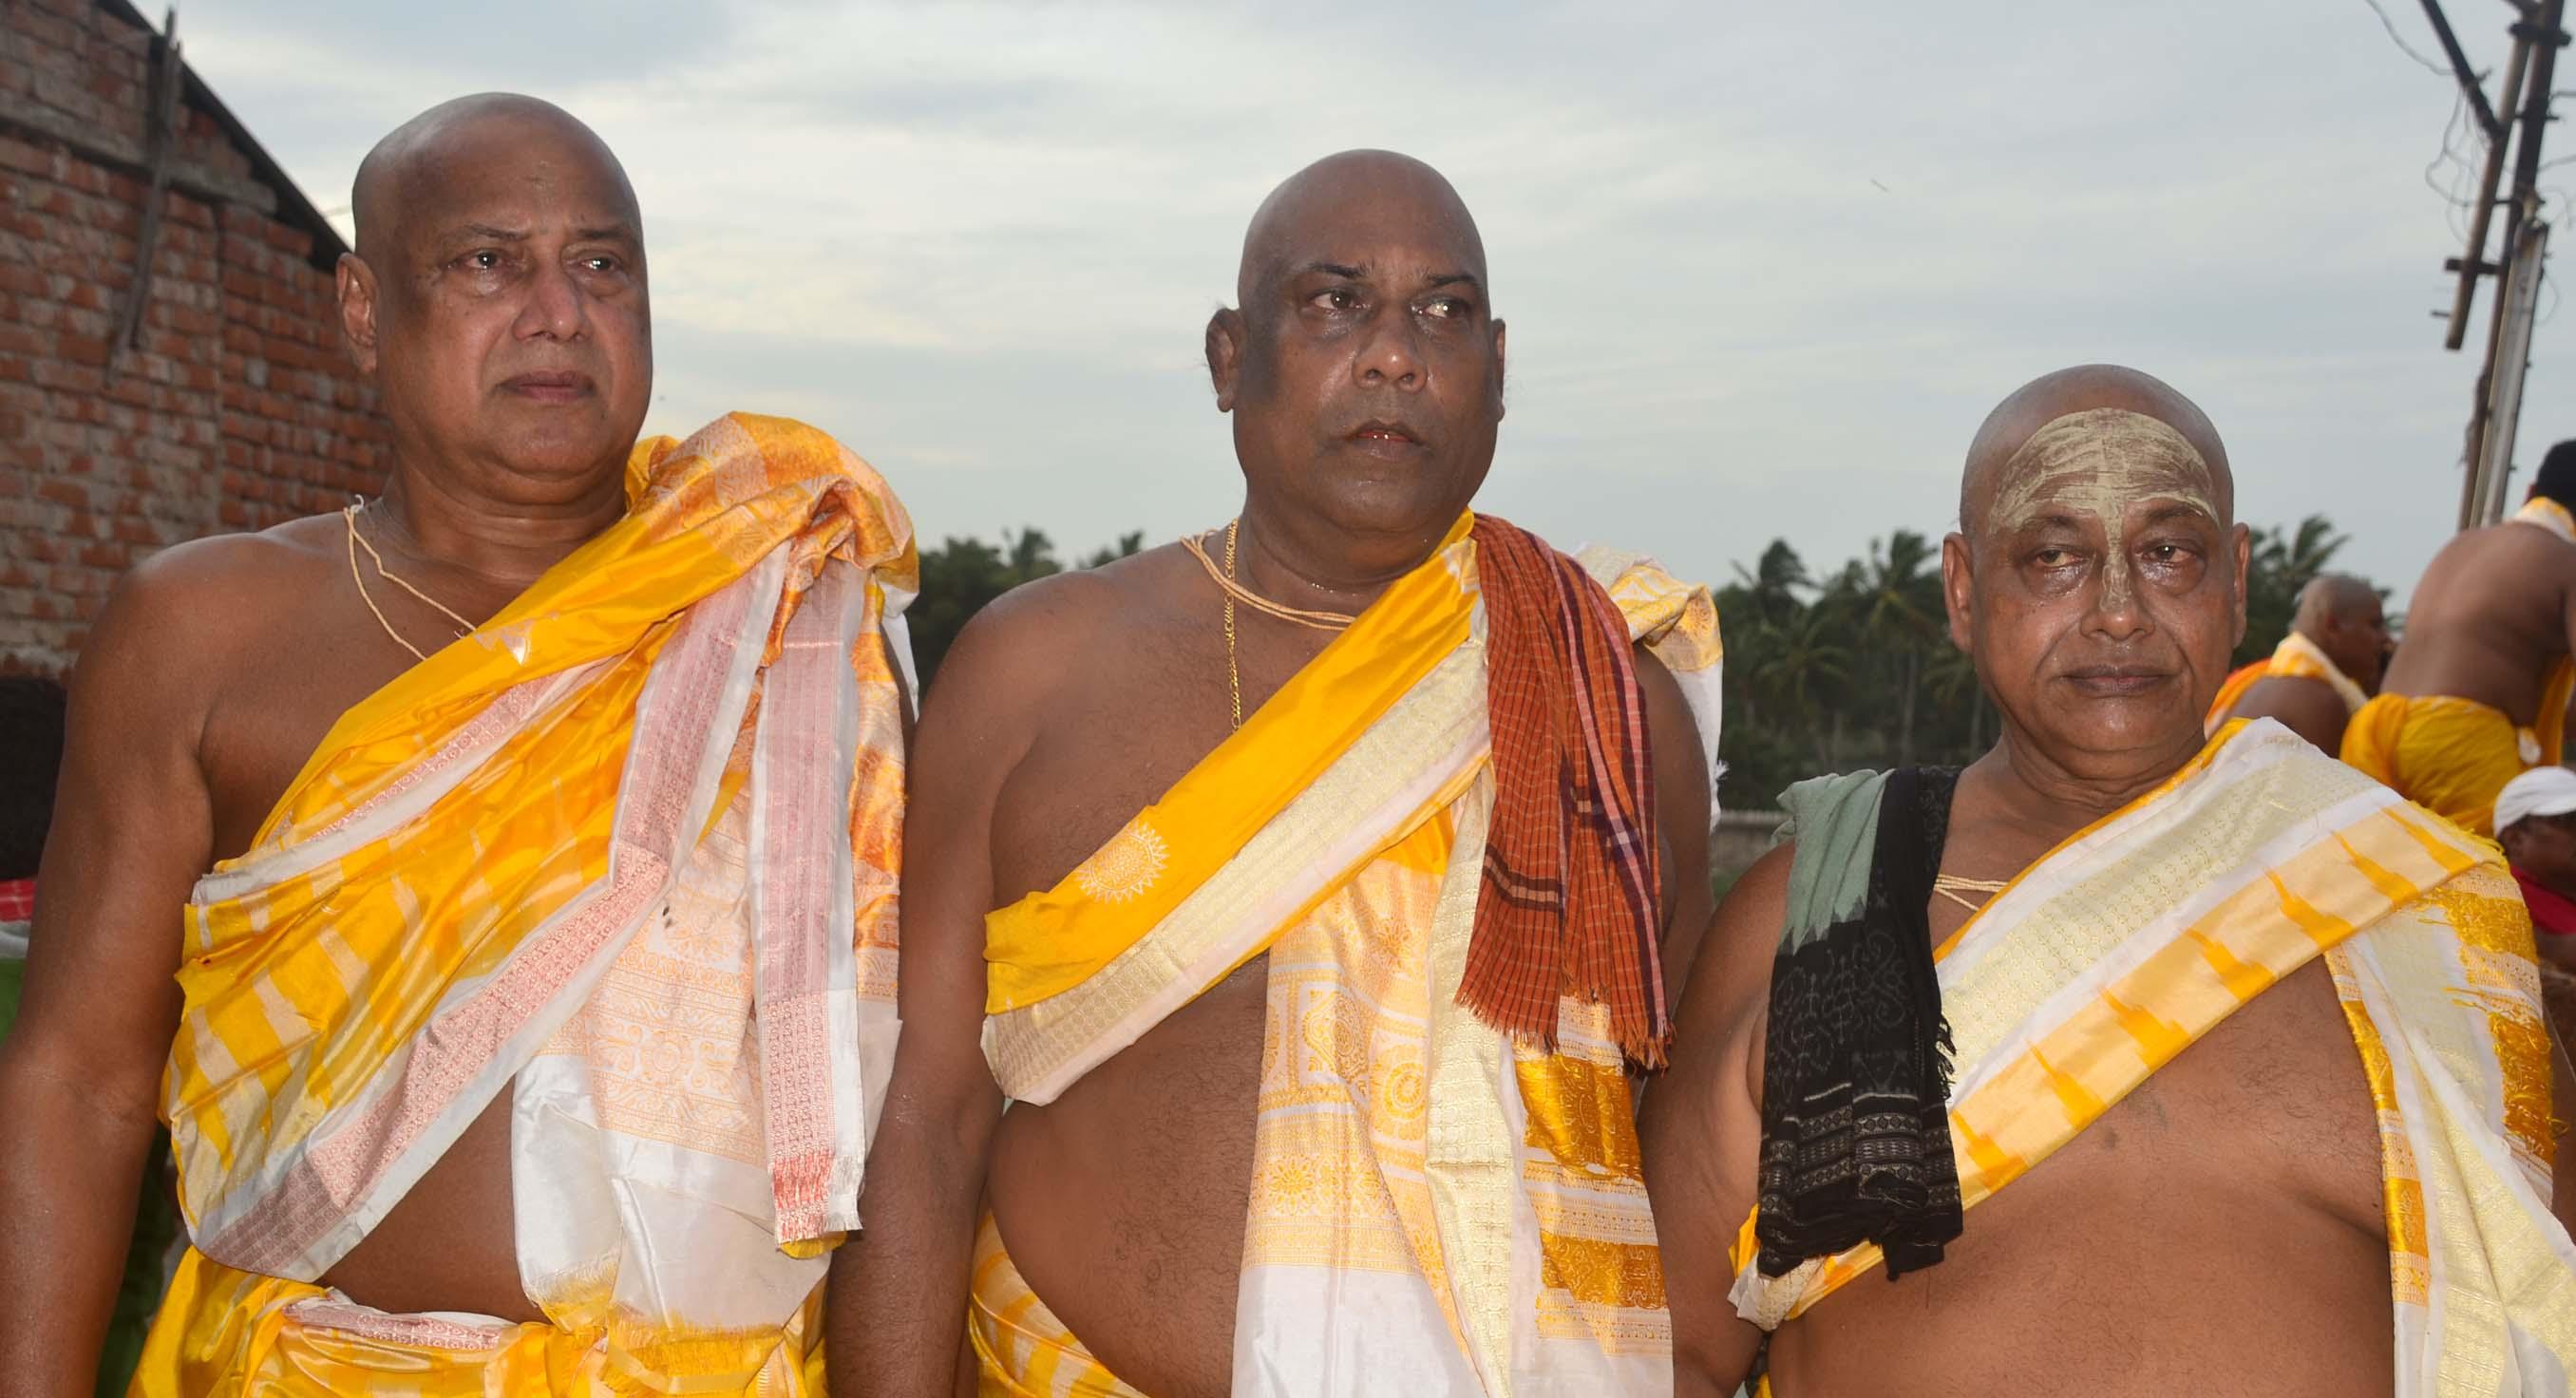 The three 'badagrahis', who performed the 'brahma parivartan' ritual this Nabakalebara